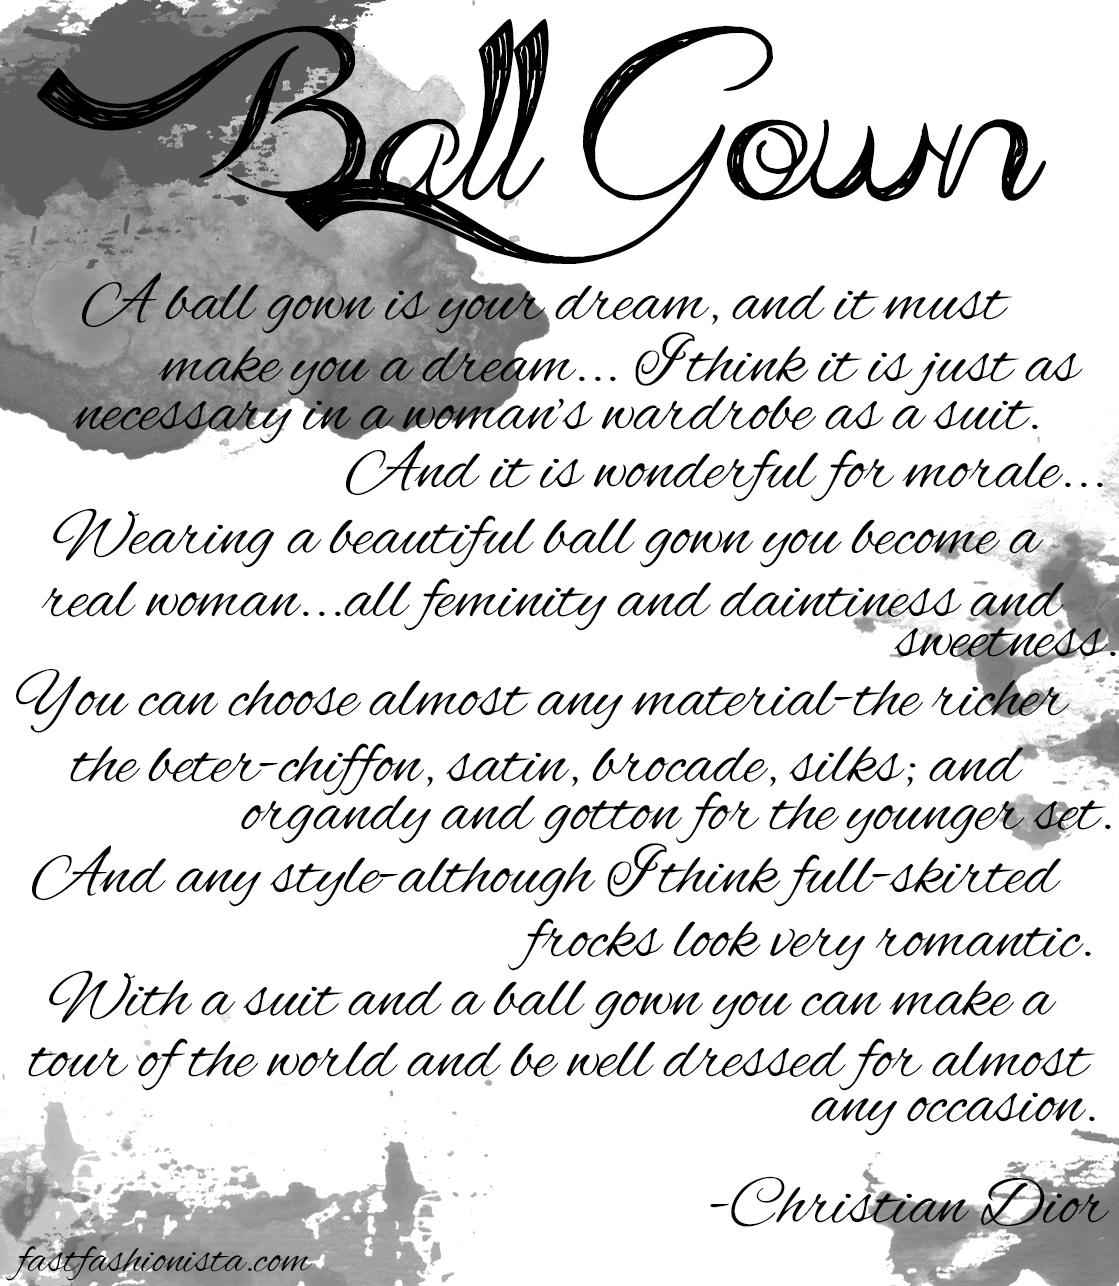 Ball Gown.jpg